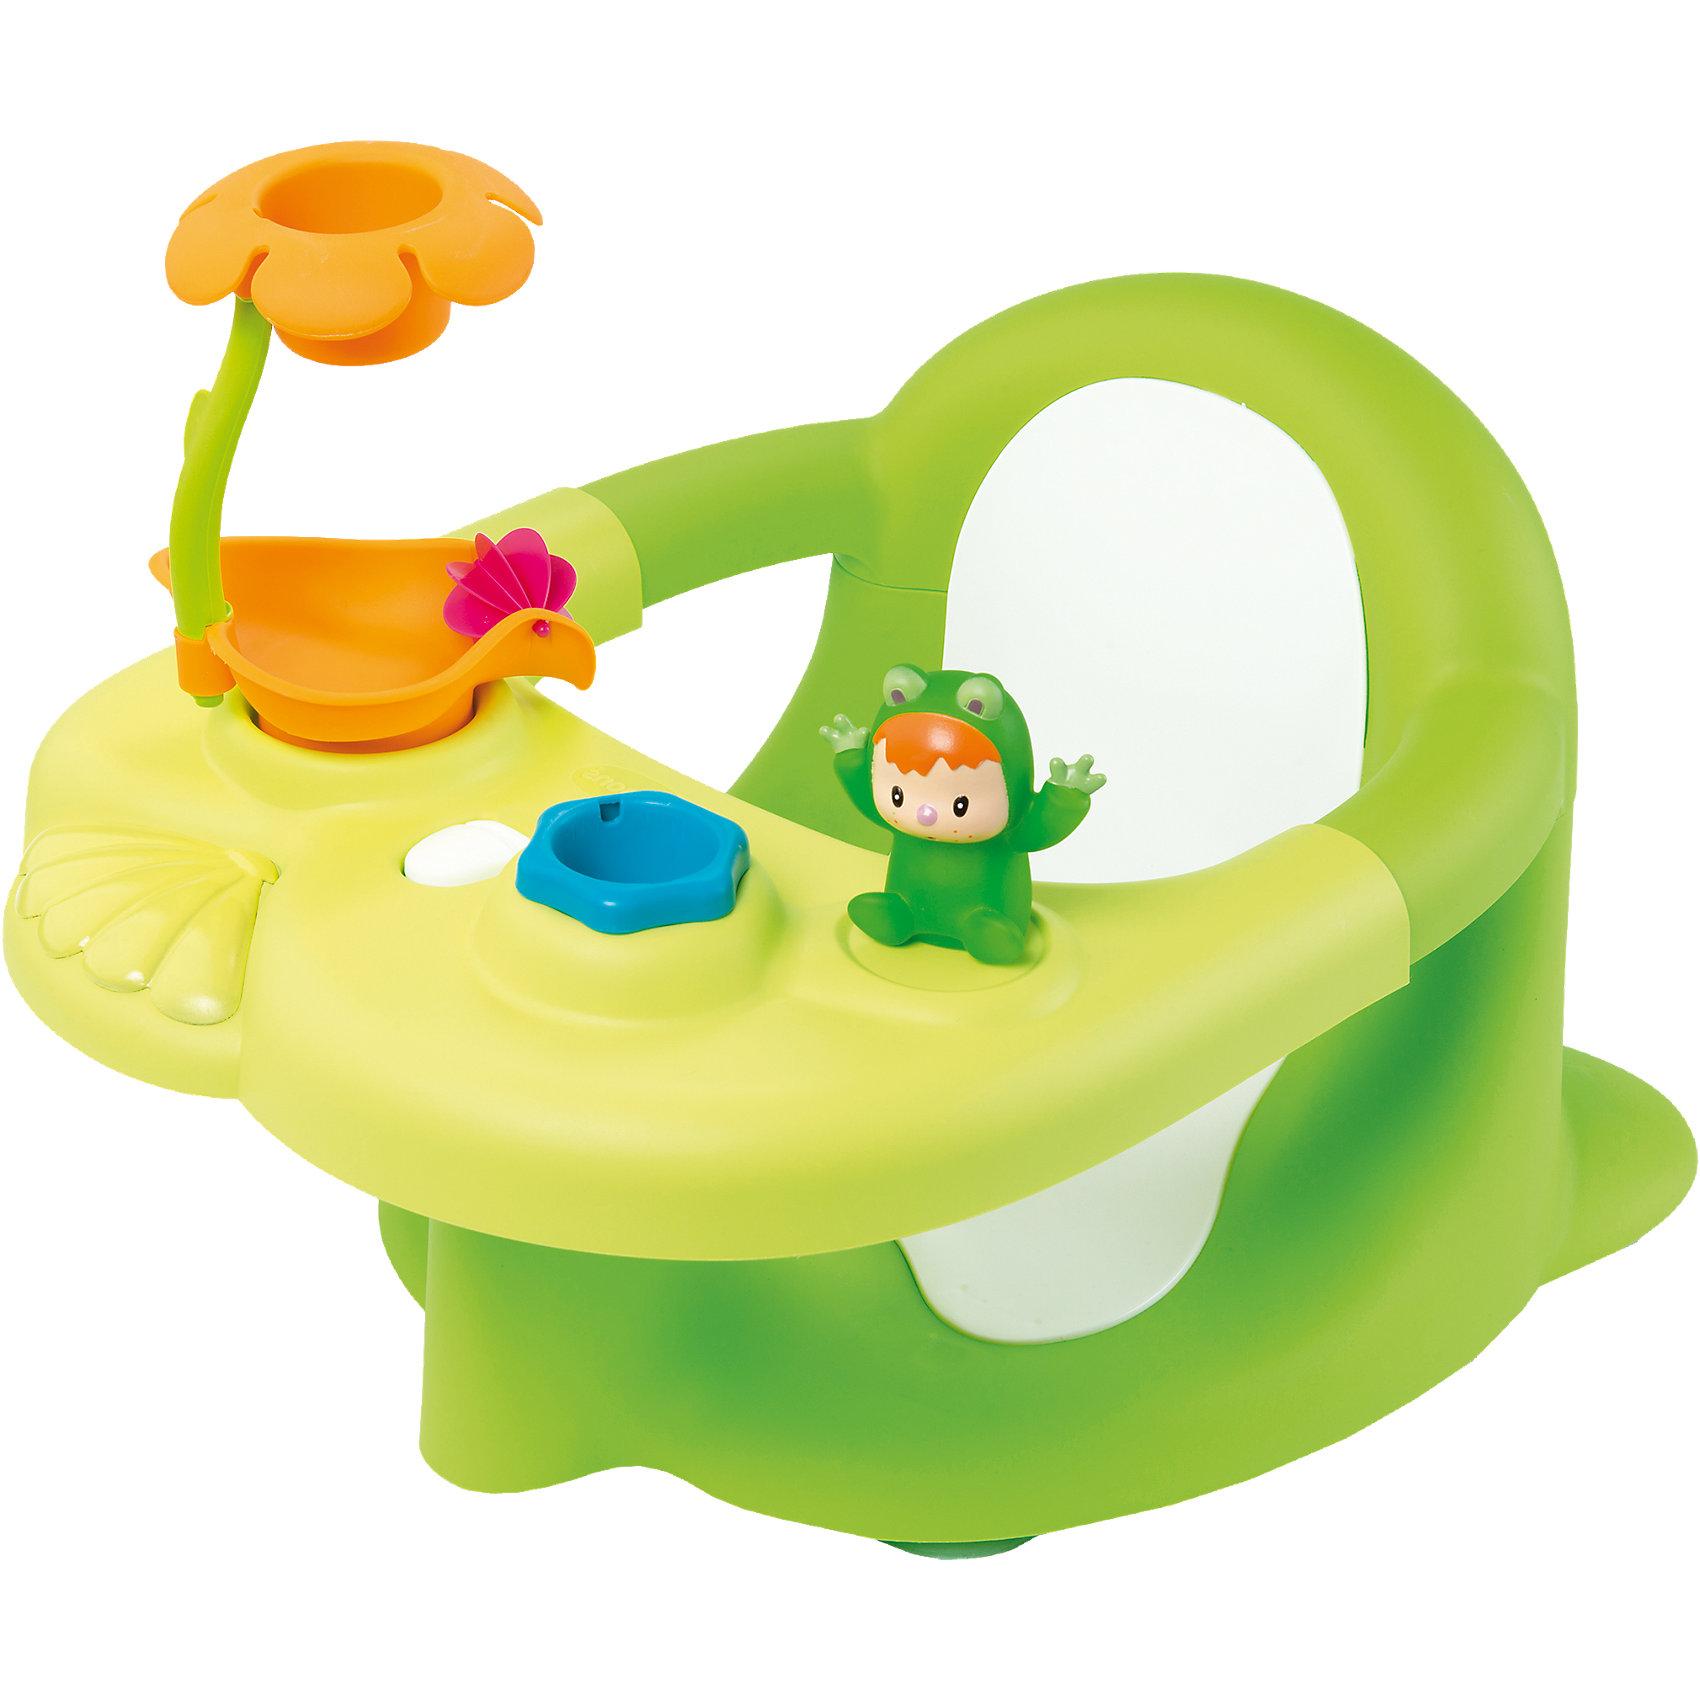 Стульчик-сидение для ванной, зеленый, SmobyРазвивающие игрушки<br>Характеристики:<br><br>• отодвигающаяся игровая панель;<br>• игрушки: лягушонок, ведерко, душ в виде цветка;<br>• закругленные углы;<br>• материал: пластик;<br>• размер: 49х34х26 см;<br>• размер упаковки: 52х18х35 см;<br>• вес: 1,6 кг;<br>• страна производитель: Франция.<br><br>Стульчик-сидение от Smoby сделает купание веселым и безопасным. Стульчик предназначен для детей от 6 месяцев,  умеющих сидеть. Удобное сидение поддерживает спинку малыша и предотвращает возможные падения. Стульчик не имеет острых углов, чтобы малыш не поранился во время водных процедур.<br><br>Стульчик оснащен игровой панелью. На ней расположен забавный лягушонок, ведерко и душ, выполненный в виде цветочка. Игрушки смогут занять ребенка и сделать купание еще приятнее. Панель легко отодвигается, чтобы вам было удобно доставать ребенка после водных процедур.<br><br>Стульчик-сидение для ванной, зеленый, Smoby (Смоби) можно купить в нашем интернет-магазине.<br><br>Ширина мм: 524<br>Глубина мм: 358<br>Высота мм: 187<br>Вес г: 1543<br>Возраст от месяцев: 6<br>Возраст до месяцев: 2147483647<br>Пол: Унисекс<br>Возраст: Детский<br>SKU: 3725351